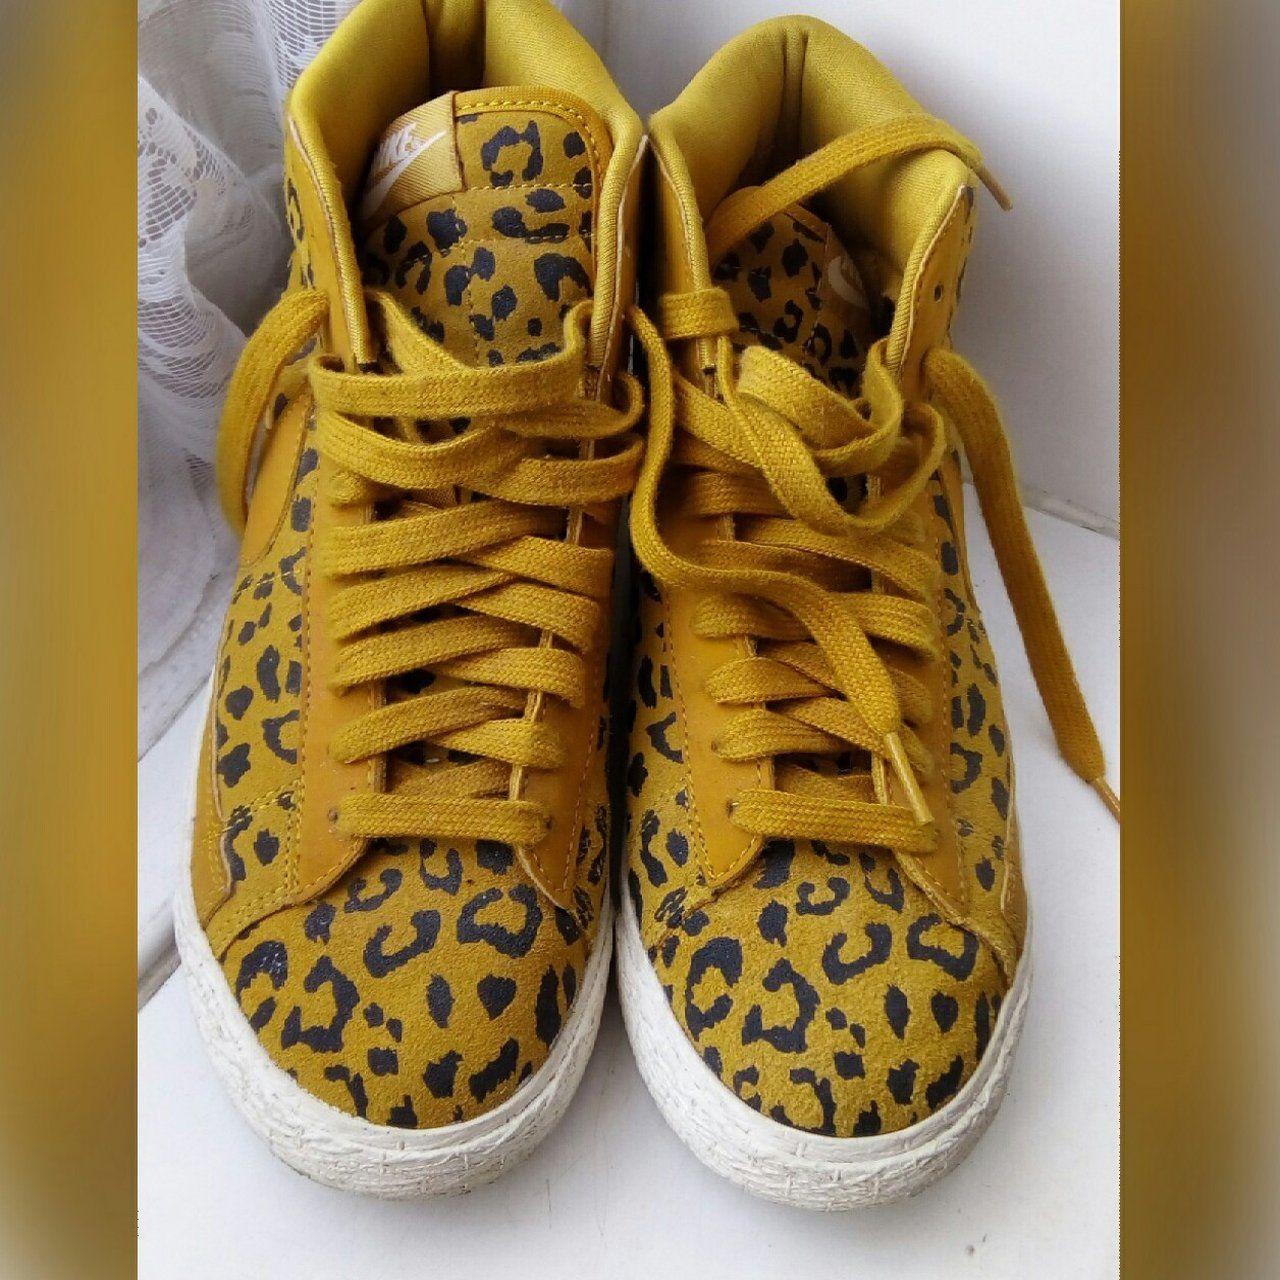 NIKE BLAZERS • Leopard print Nike Blazers • US women's